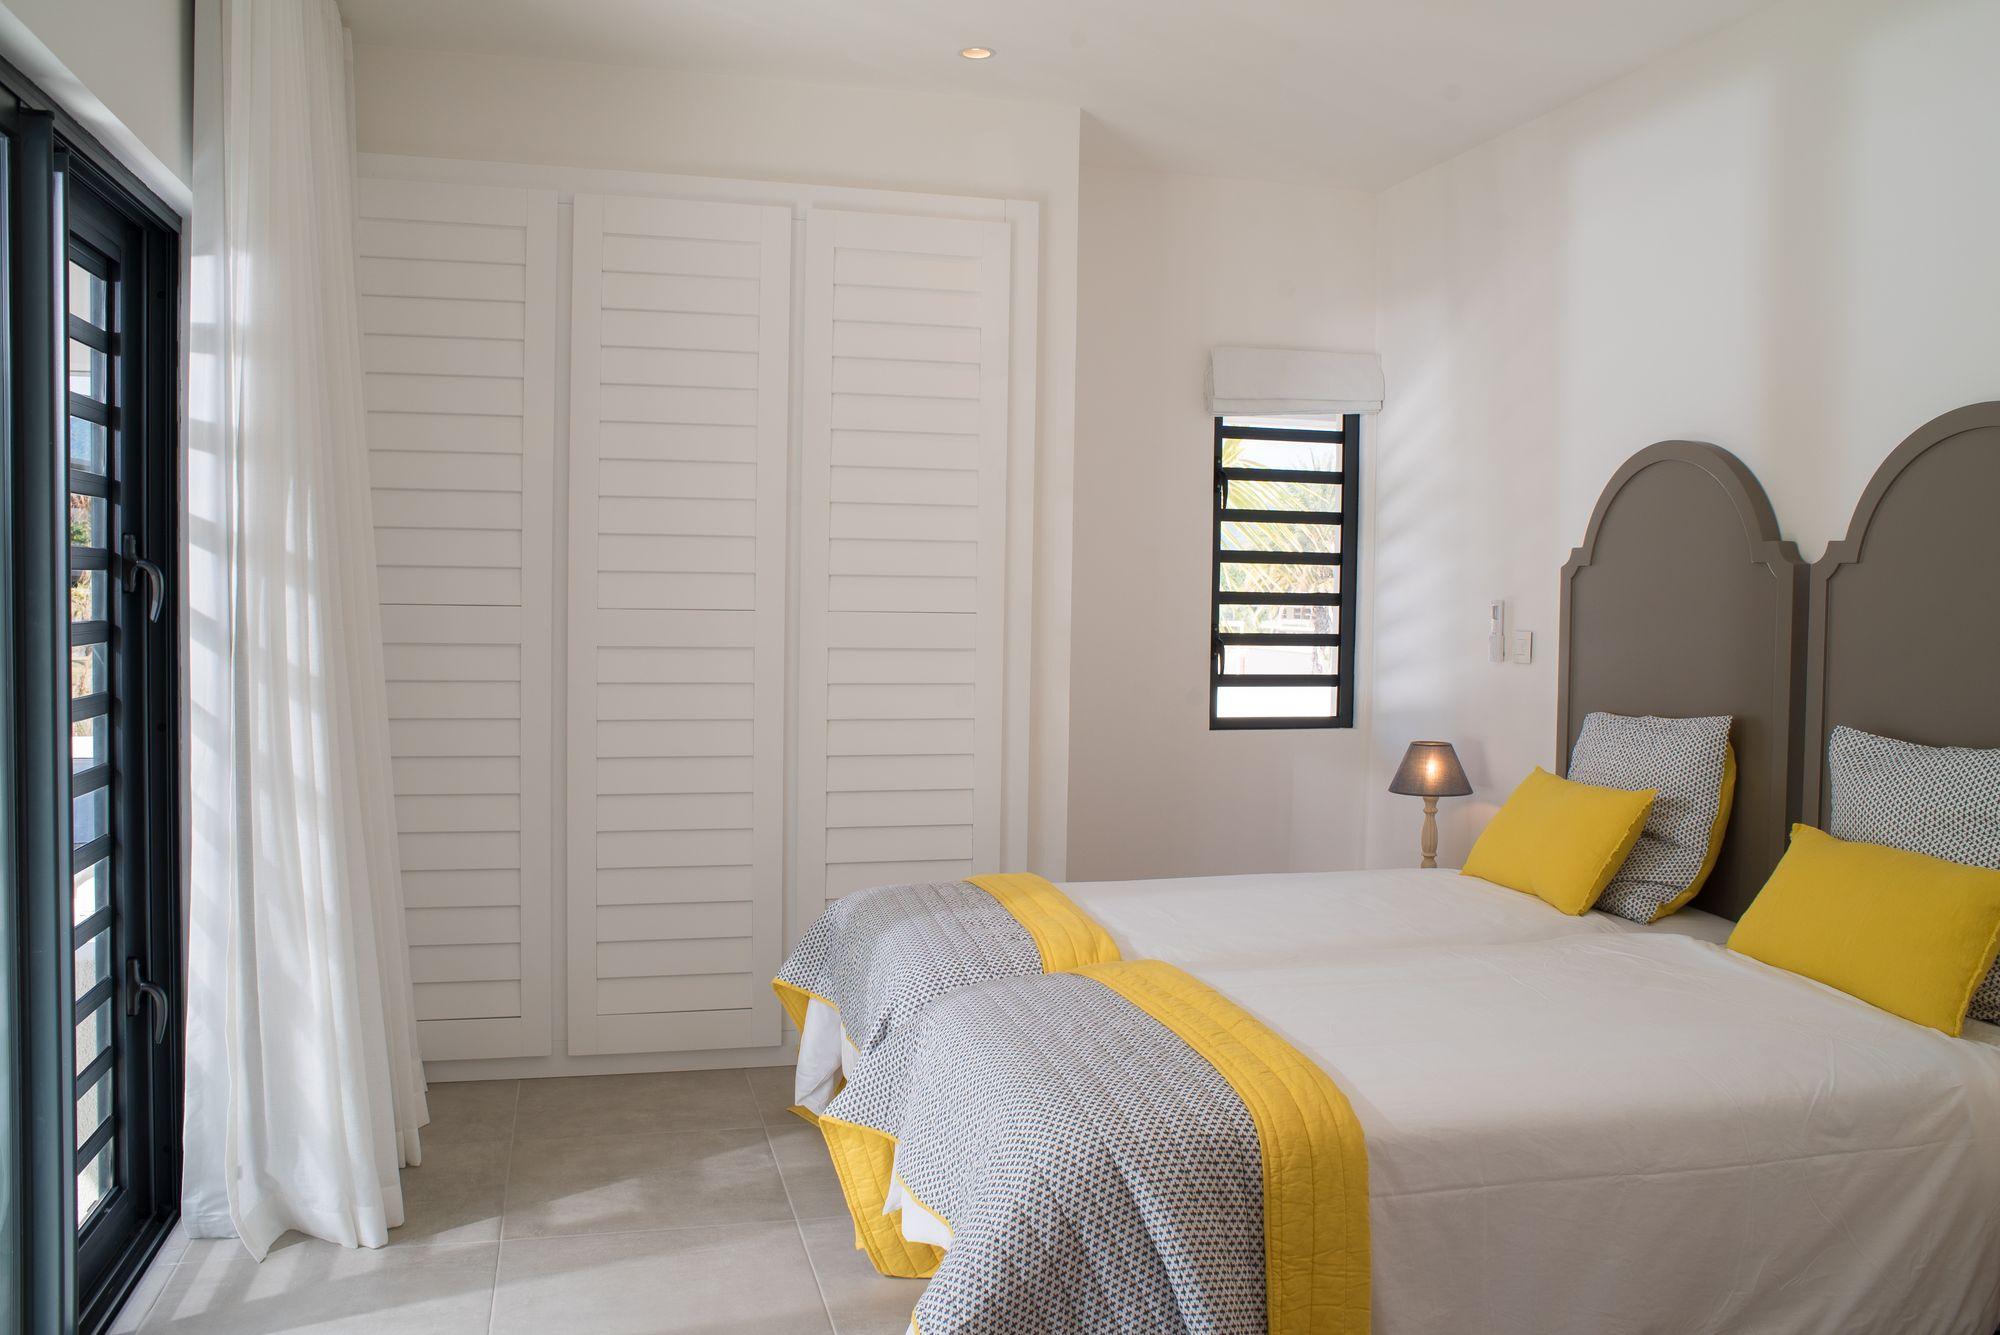 amnagement dcoration villa de luxe intrieurextrieur galerie photos des ralisations